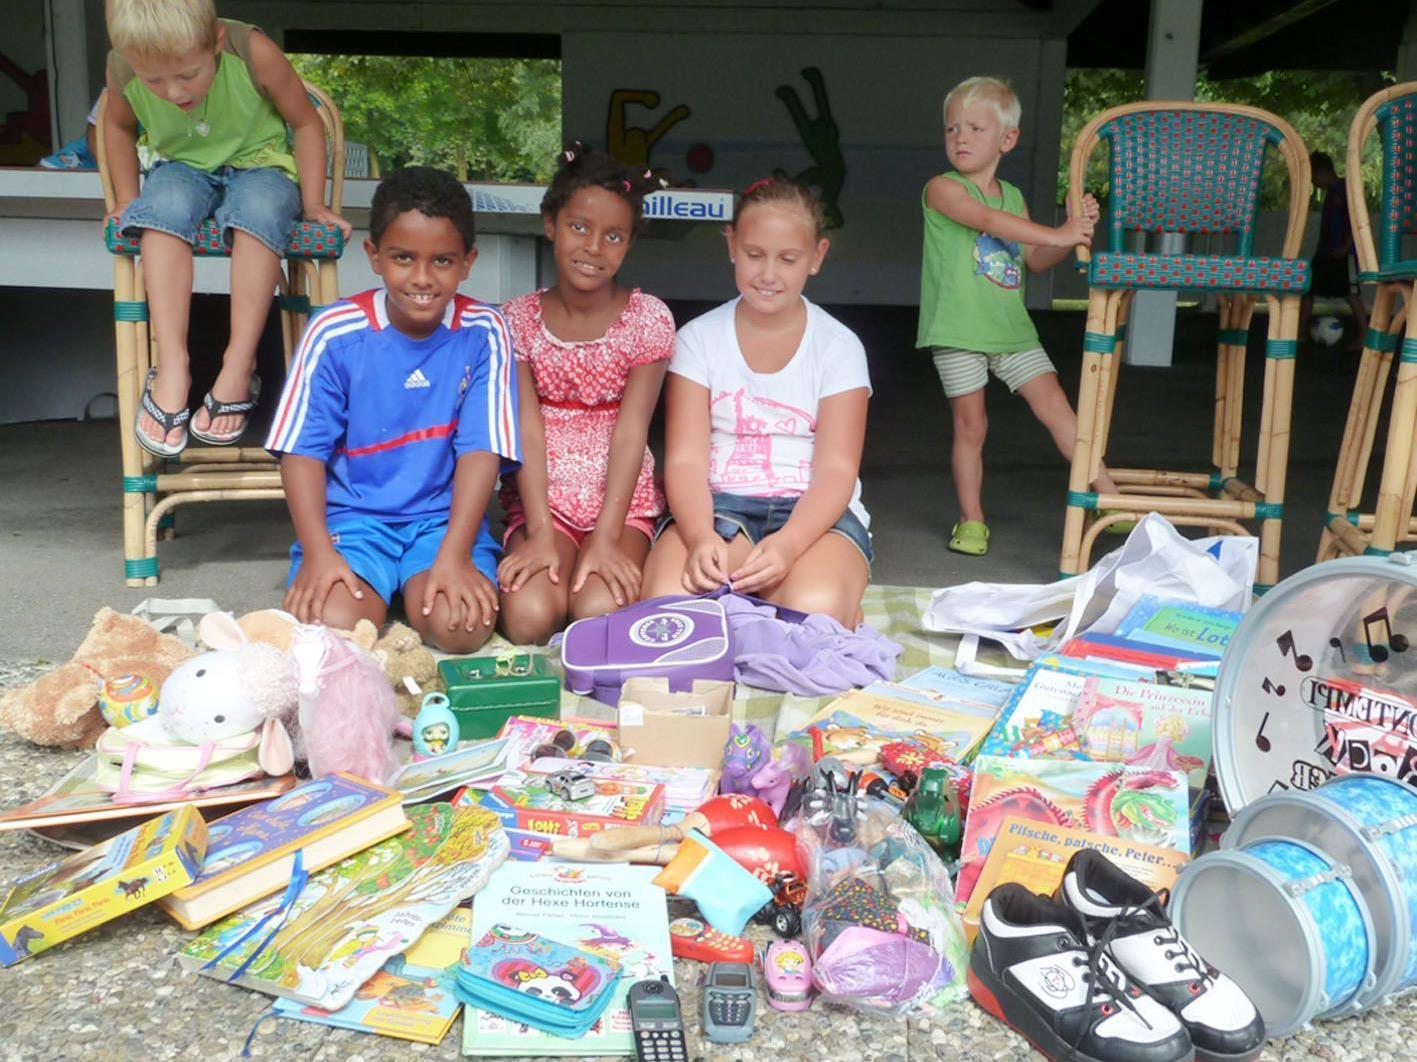 Beim Kinderflohmarkt im Erholungszentrum Rheinauen wurde eifrig verkauft und getauscht.